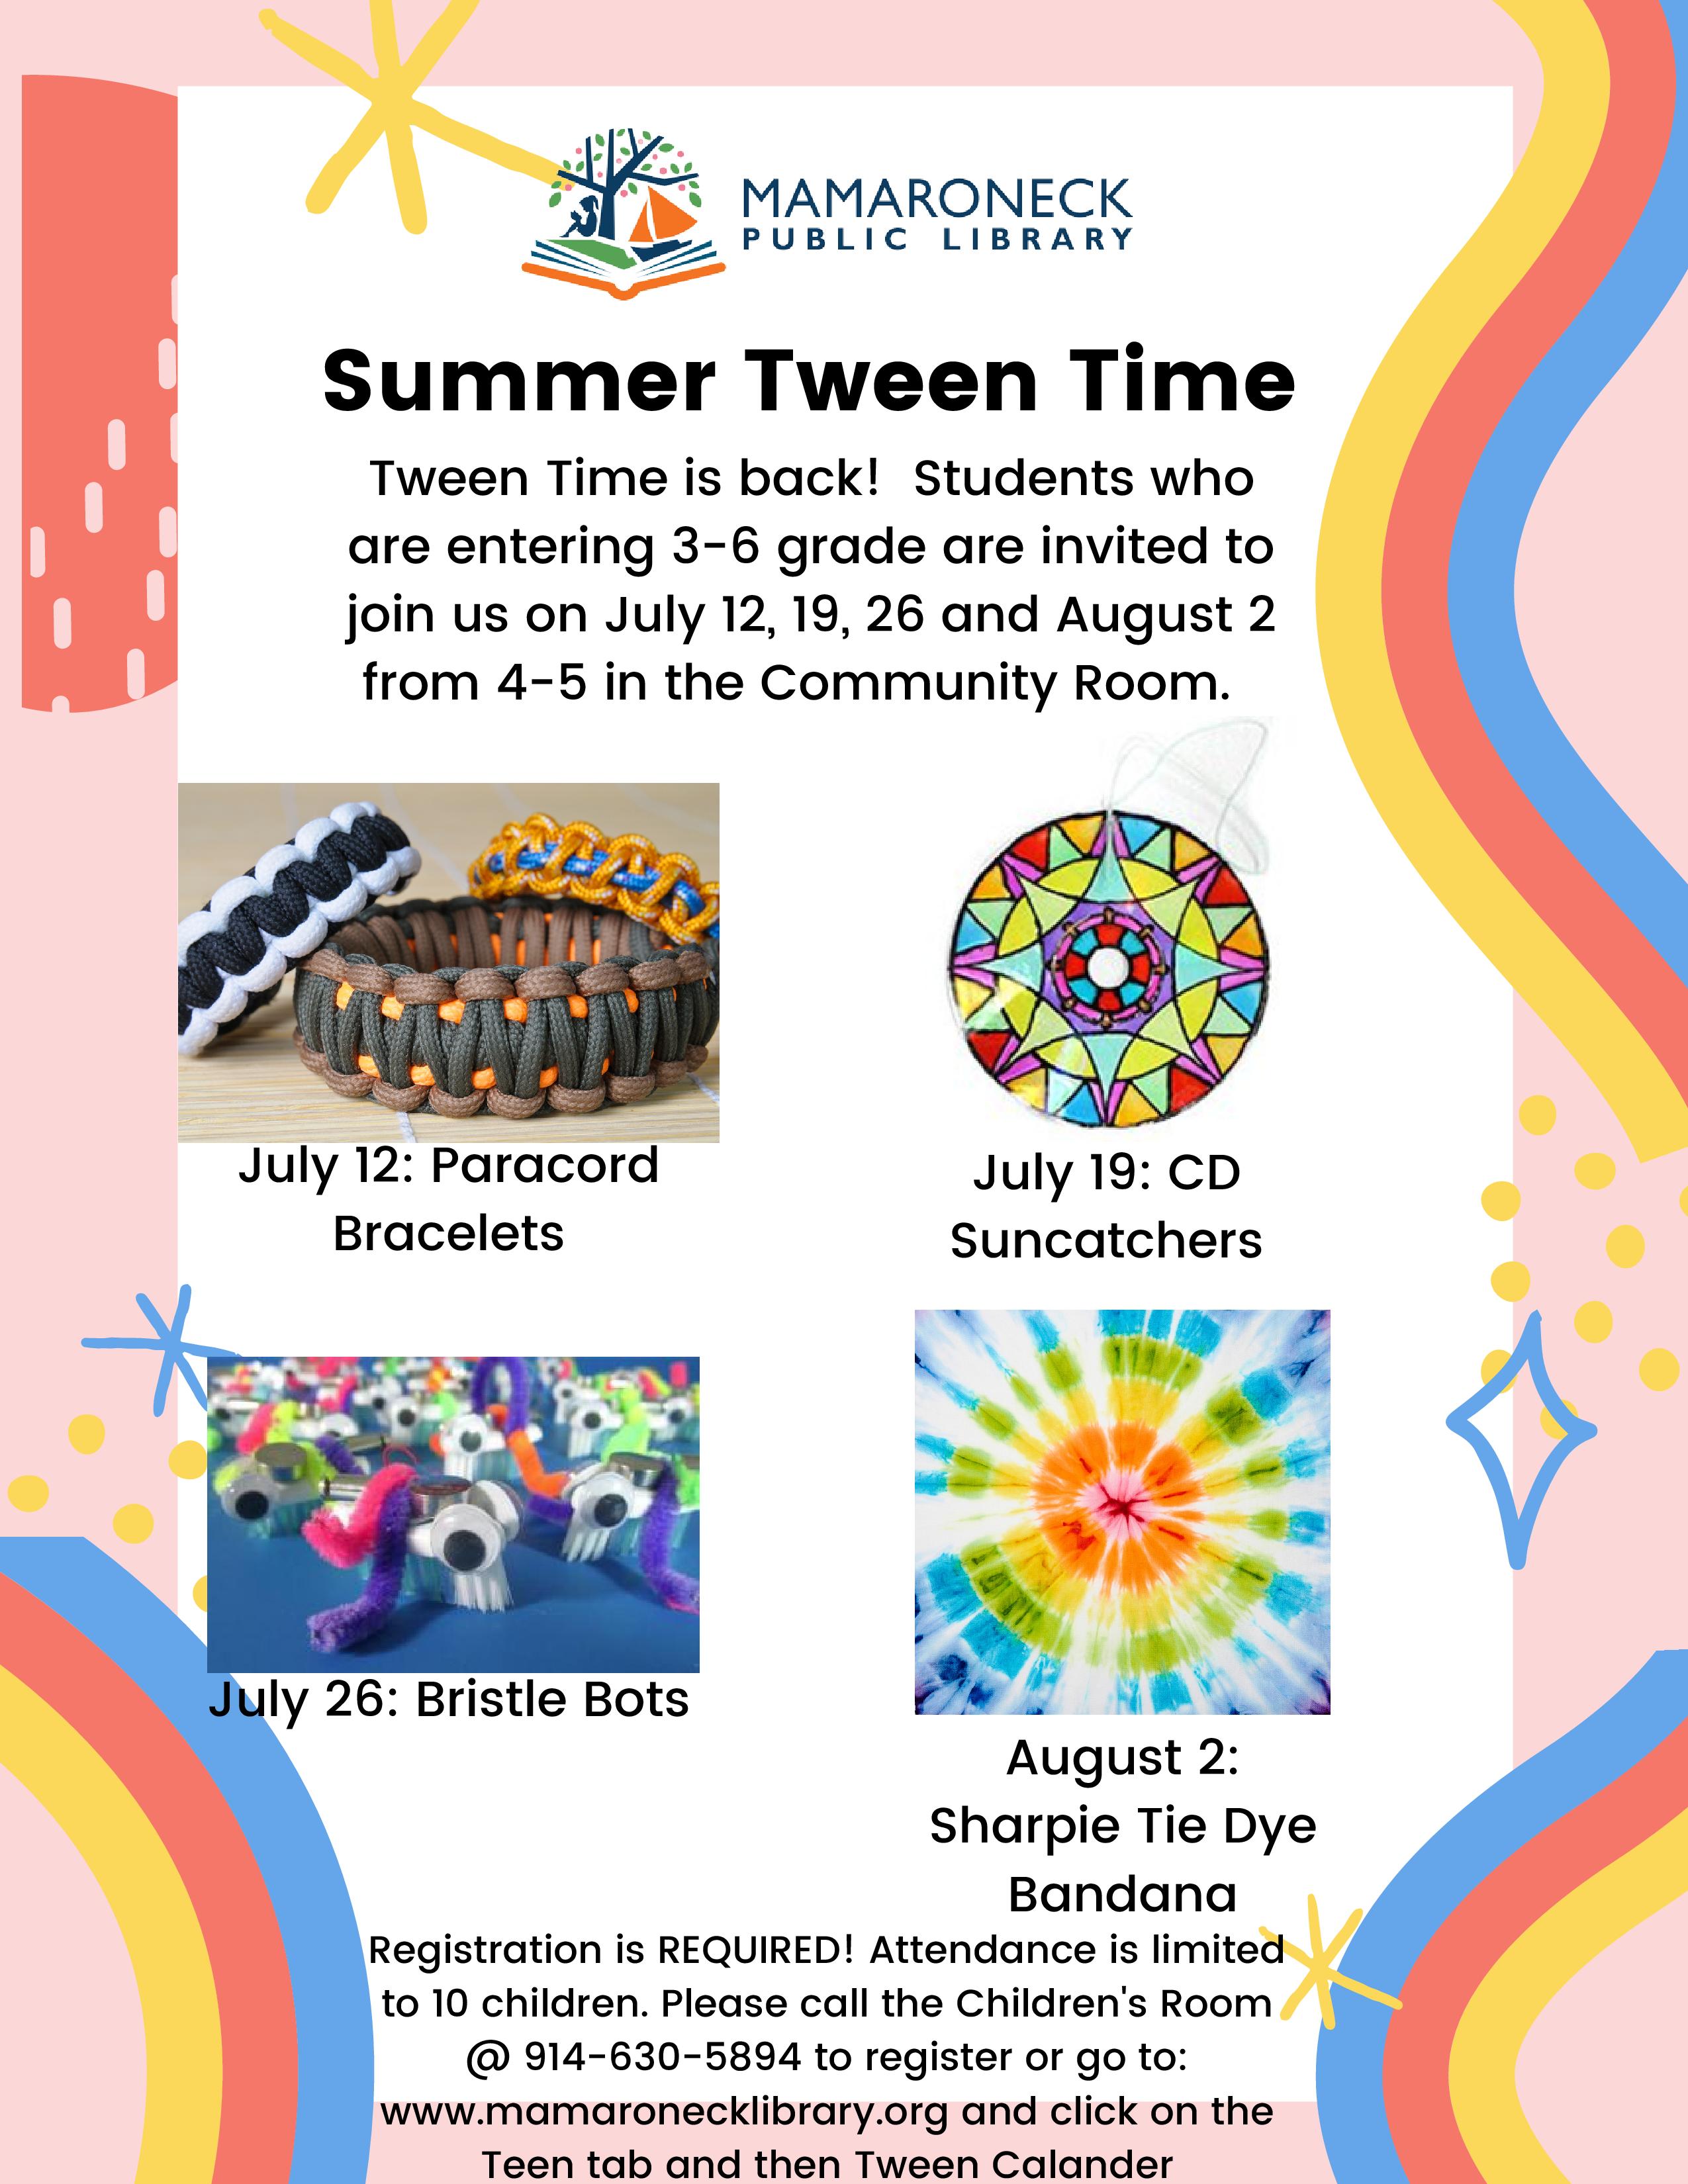 Summer Tween Programs